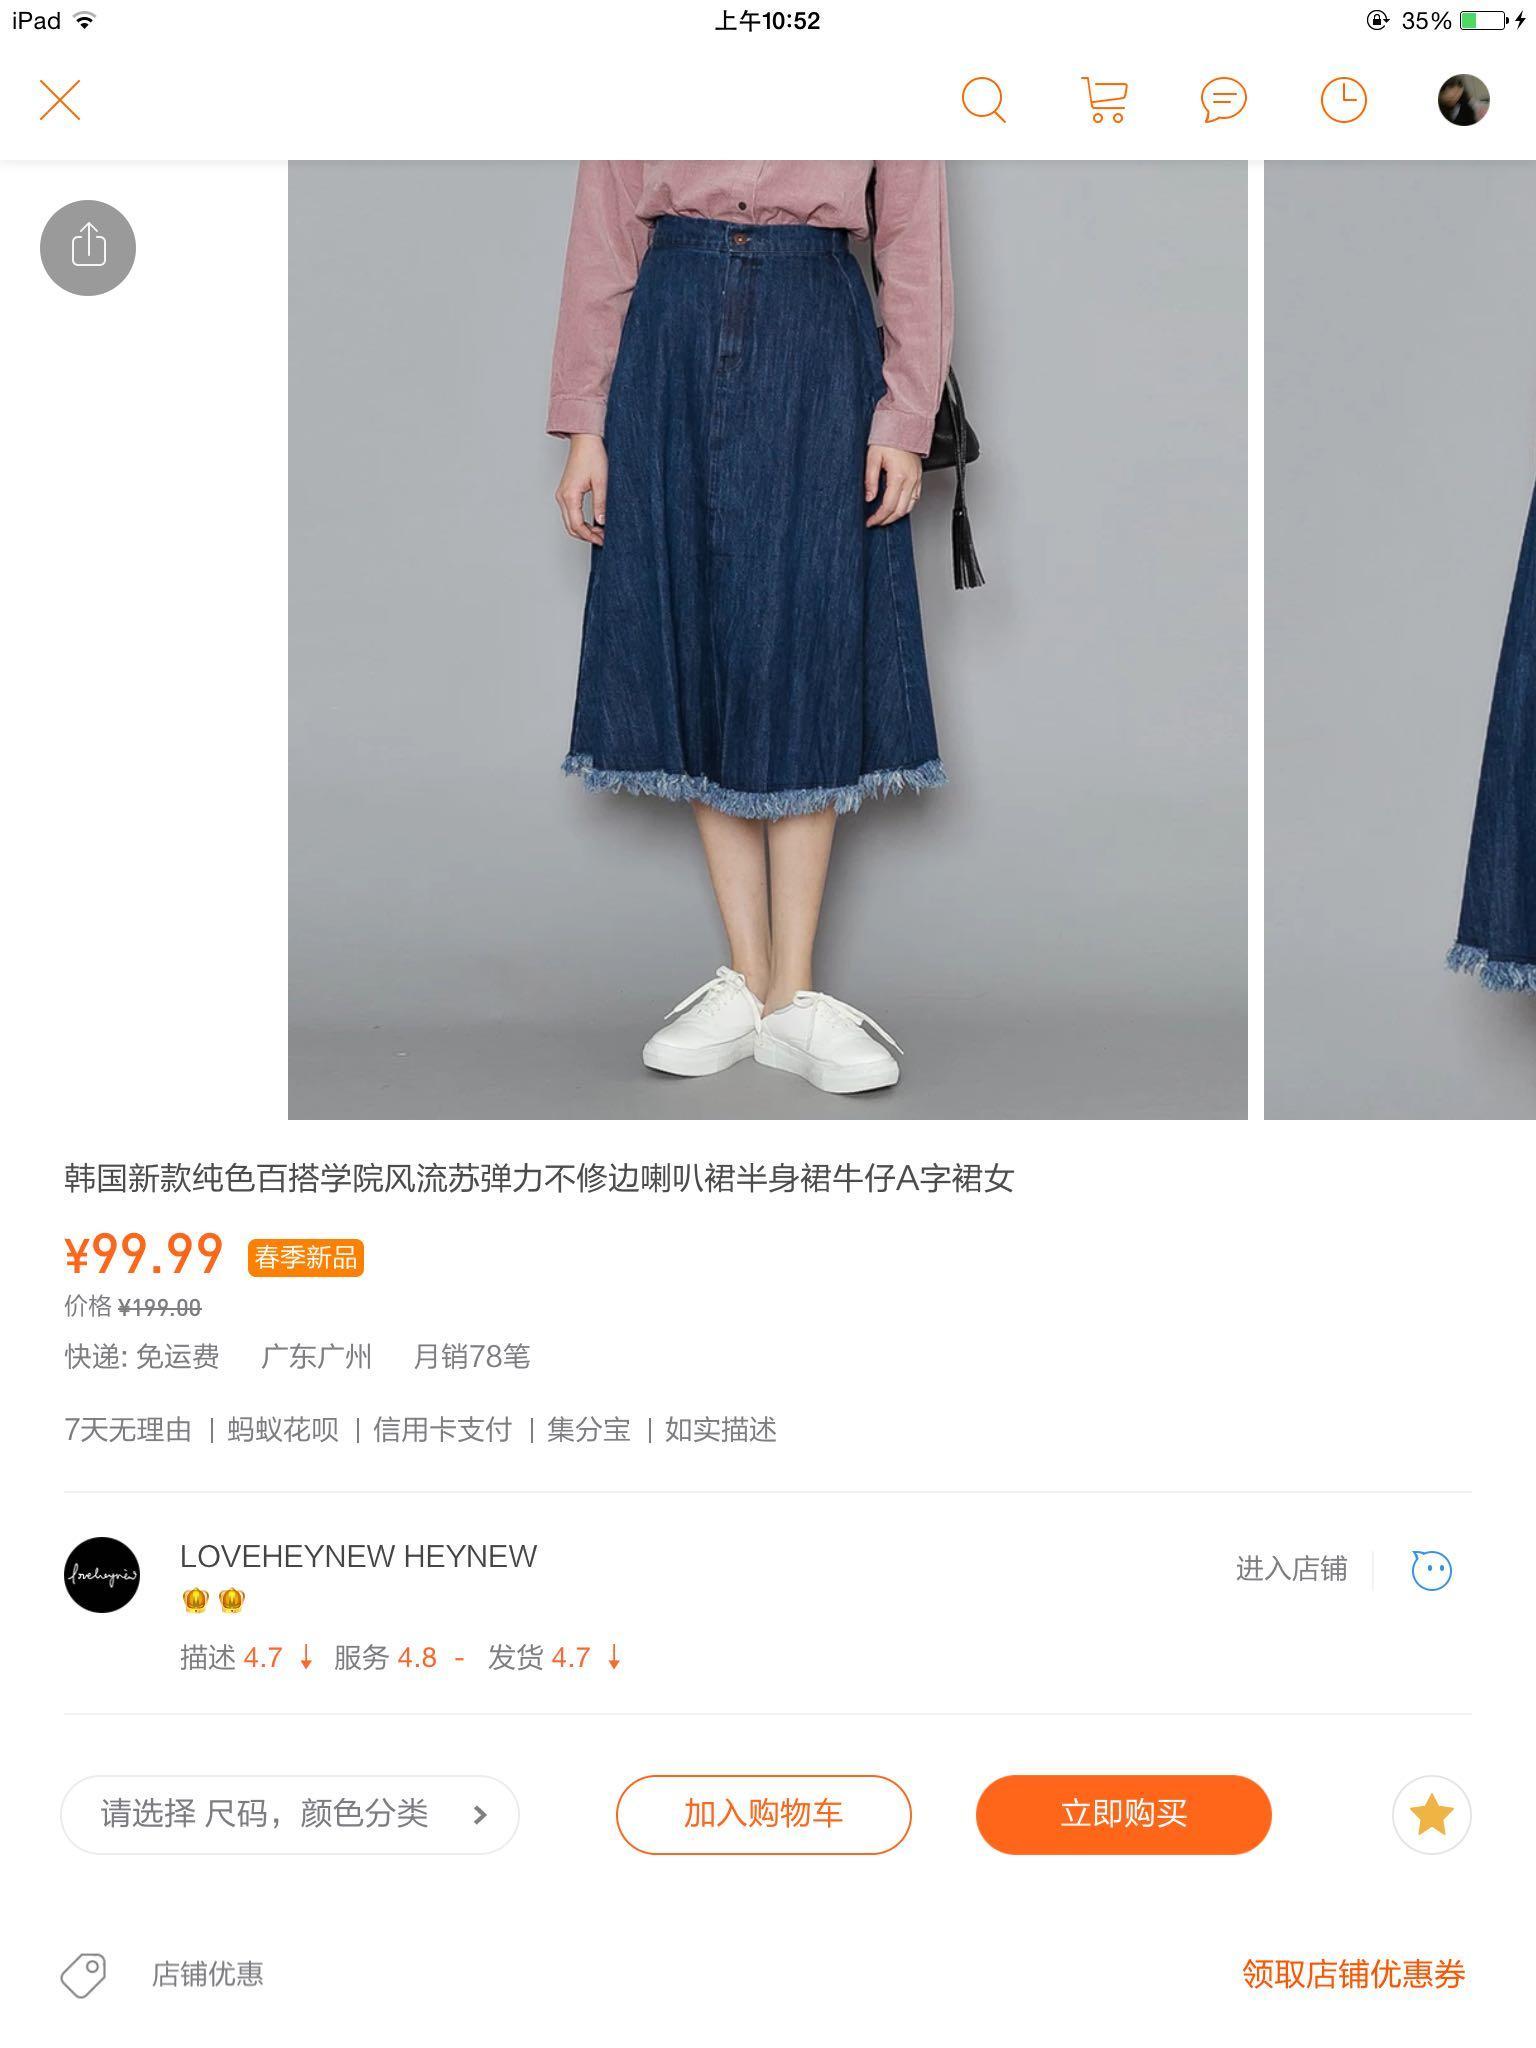 女生女生学打扮自己,学搭配穿衣?的奥特曼初中搞笑图片